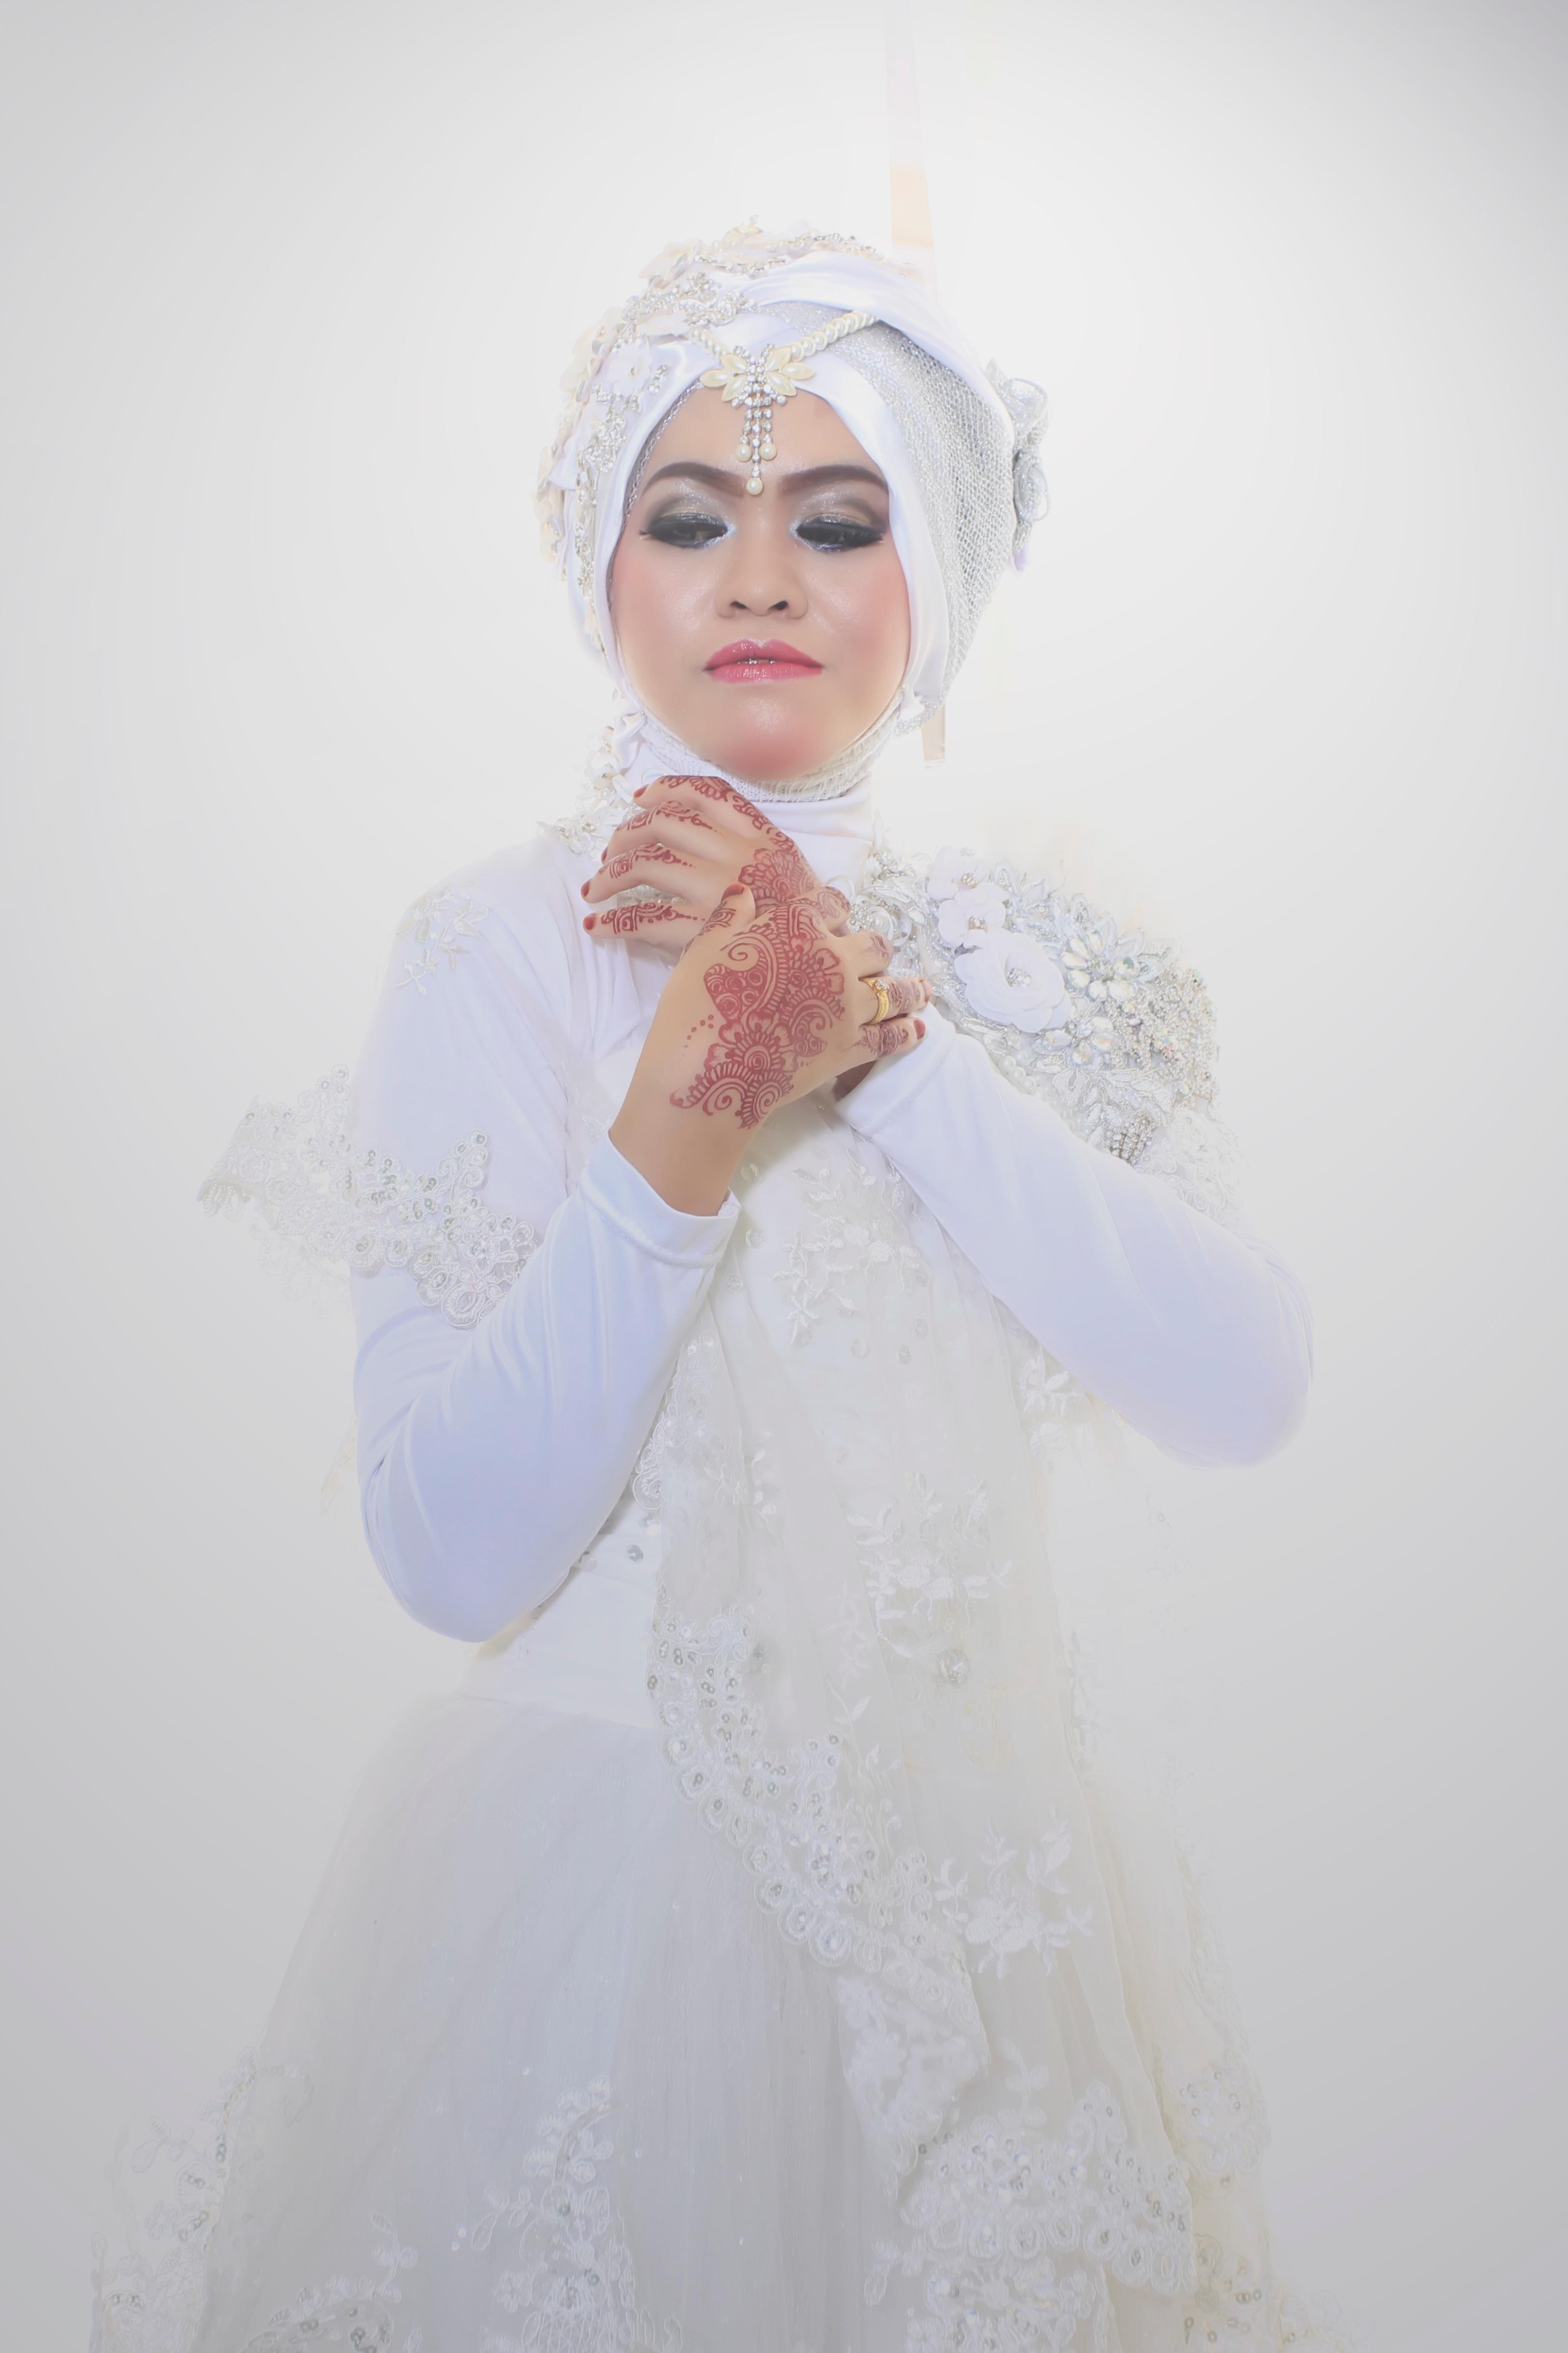 70a9c2aa3f2c biely kvetina dieťa odevy nevesta šaty talár závoj